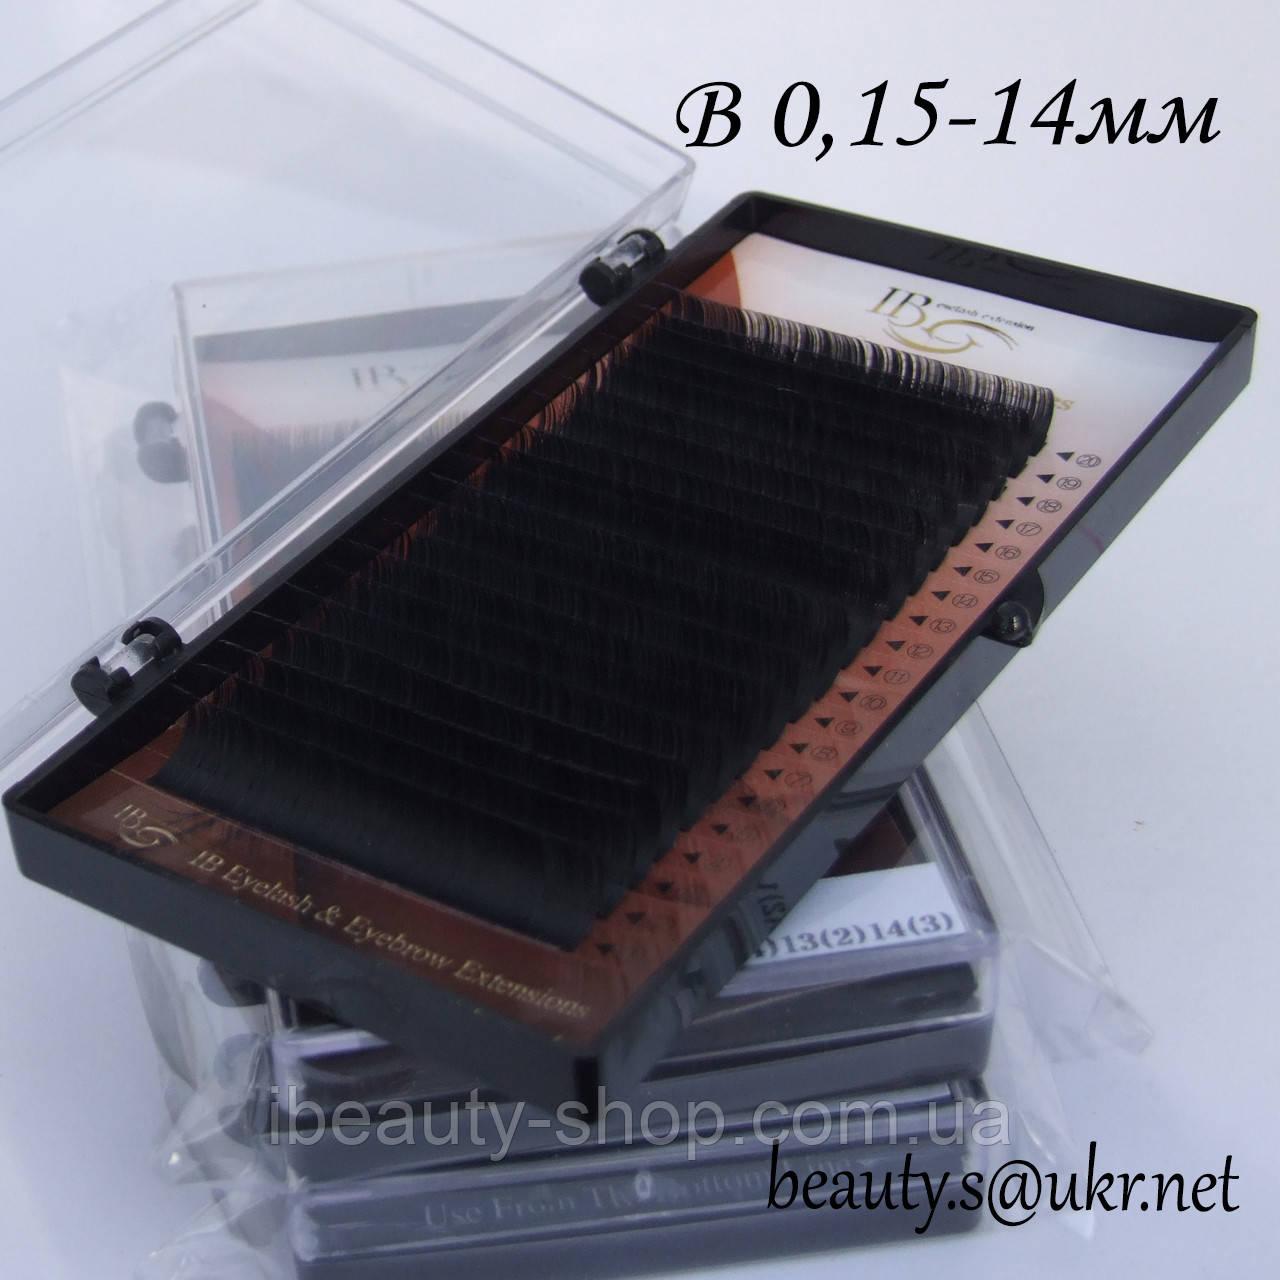 Ресницы I-Beauty на ленте B 0,15-14мм